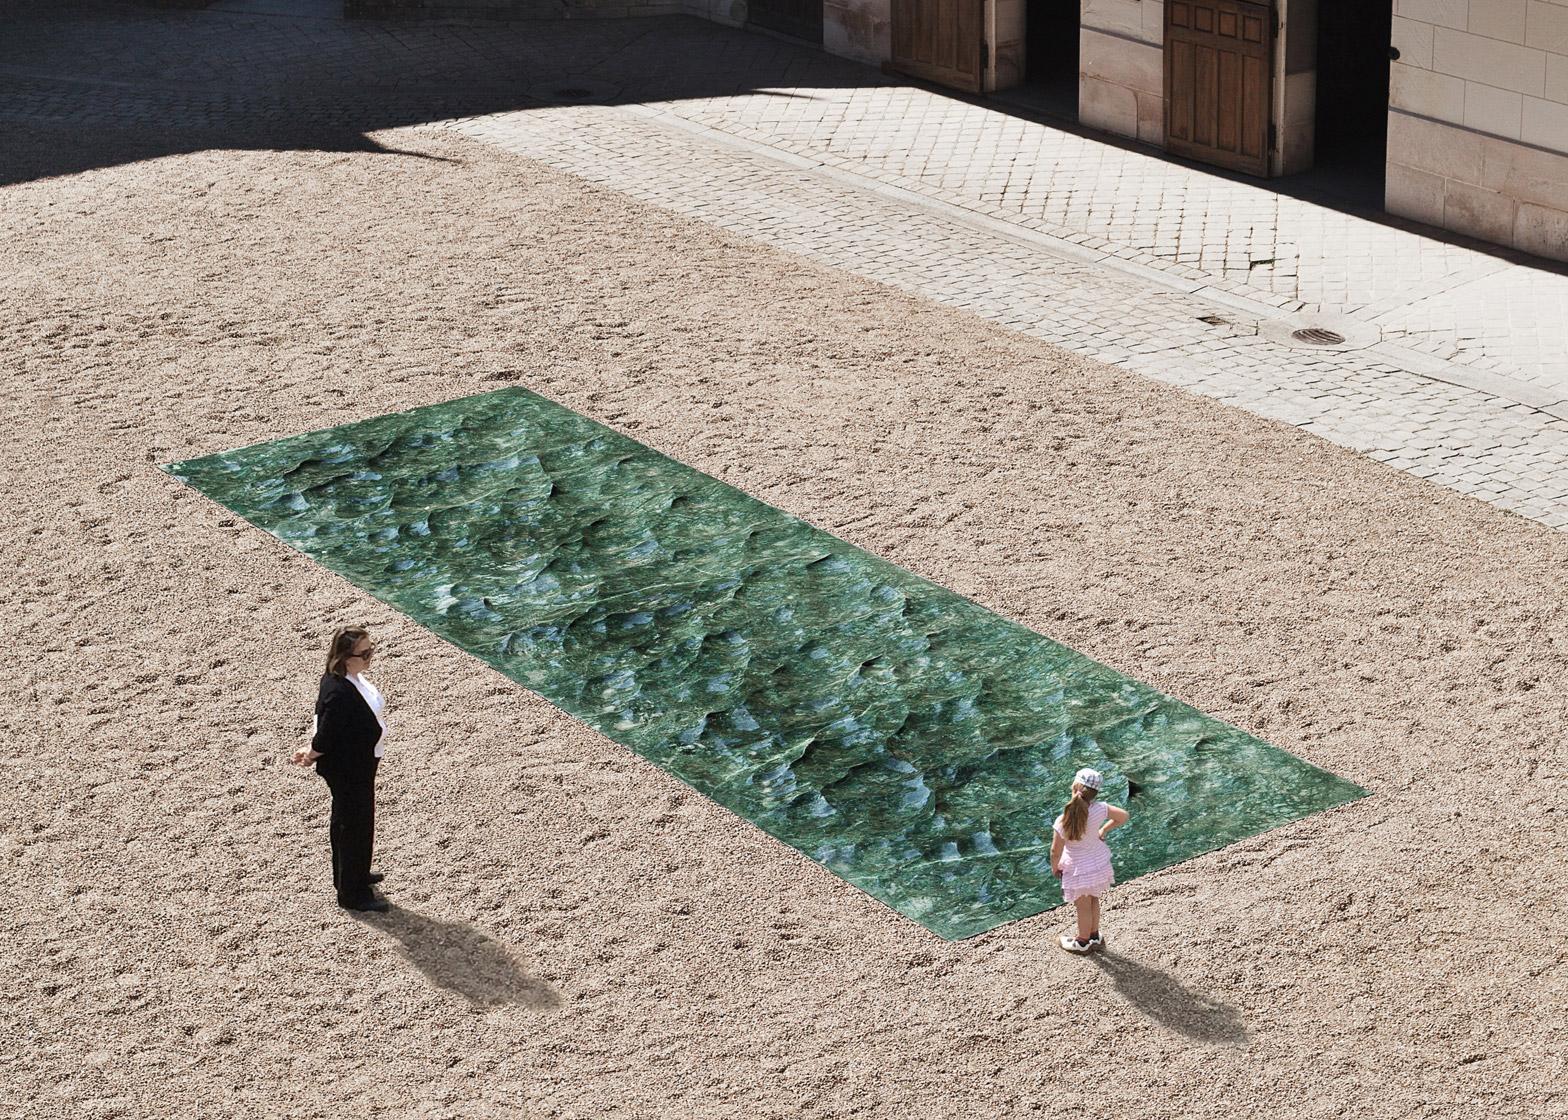 Liquid marble sculpture mathieu lehanneur petite loire installation international garden festival domaine de chaumont sur loire centre darts et de nature flowing green sea dezeen dezeen 1568 2